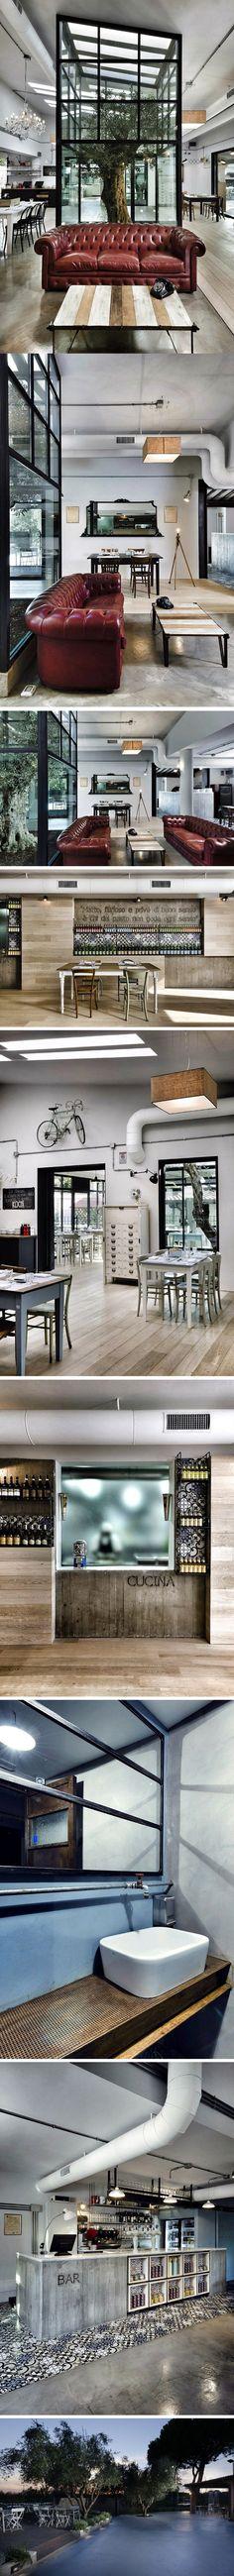 KOOK Restaurant & Pizzeria par Noses Architects - Journal du Design